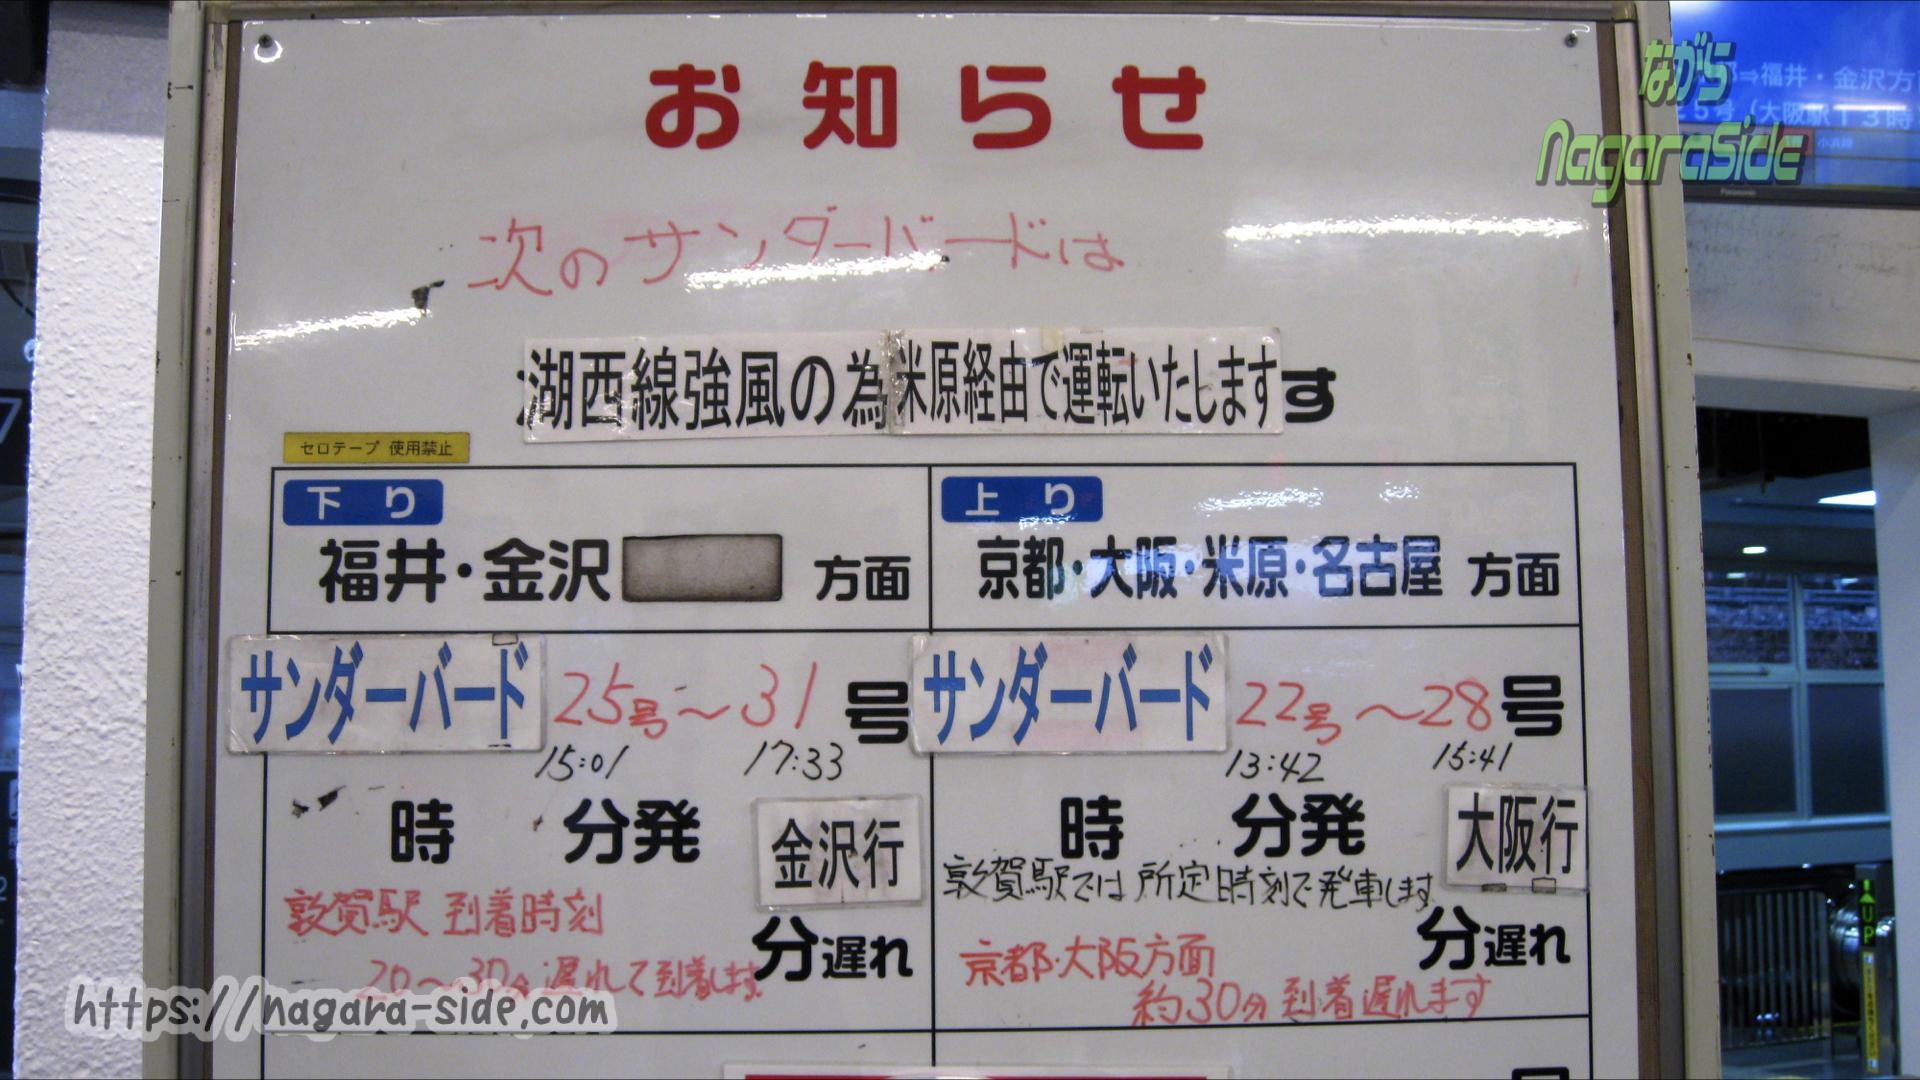 敦賀駅のサンダーバード迂回運転案内